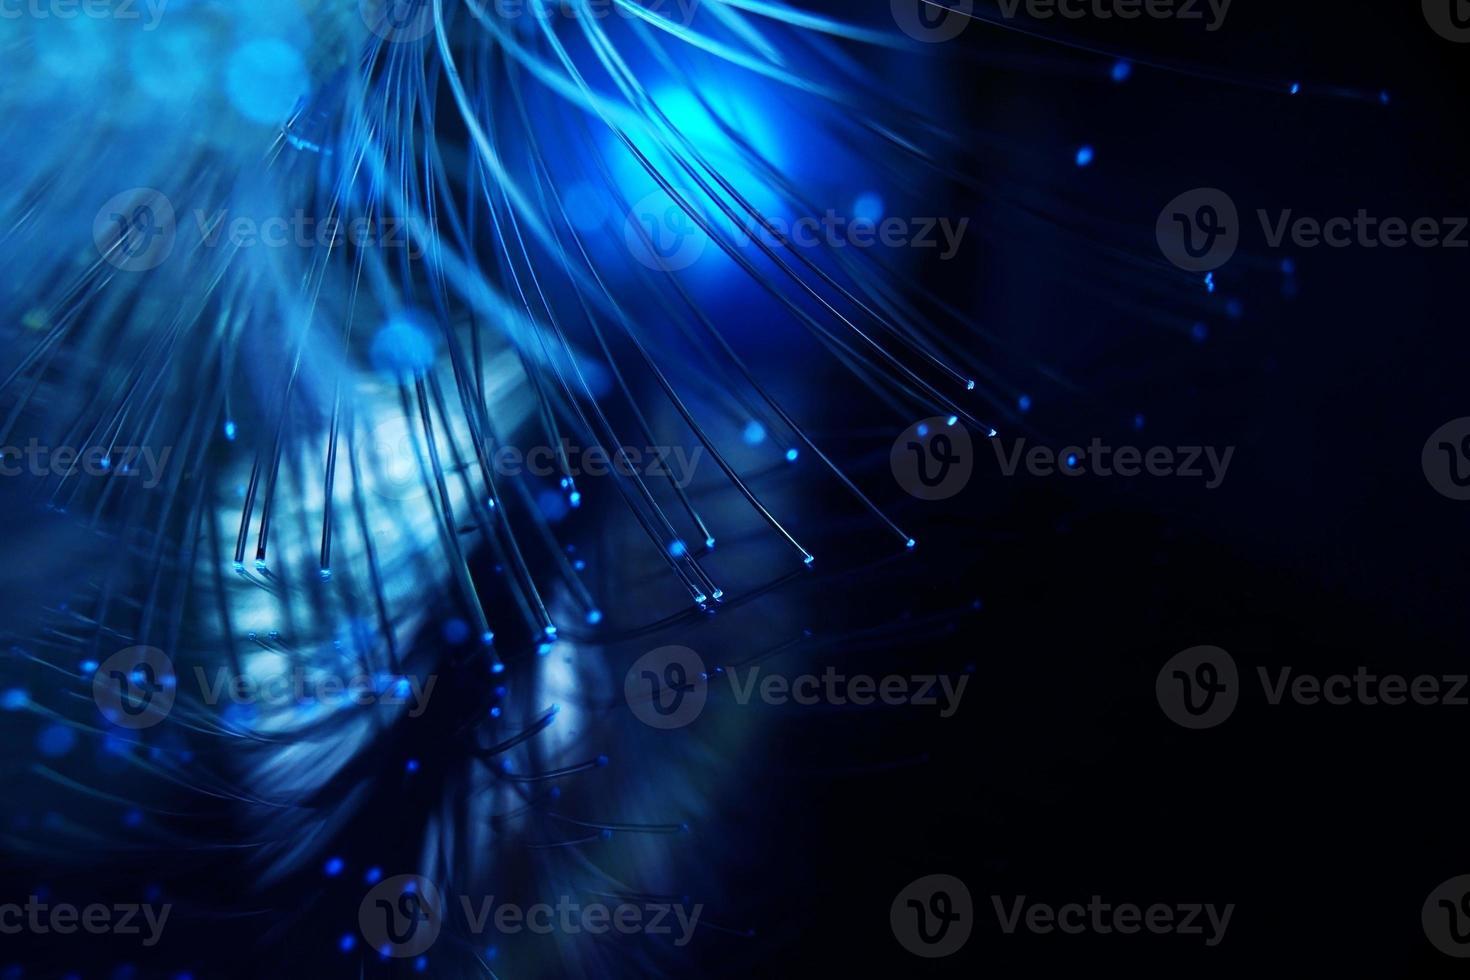 une macro étonnante et vibrante de tuyaux optiques en fibre bleue qui illuminent en faisant des étincelles et des paillettes avec un fond noir photo